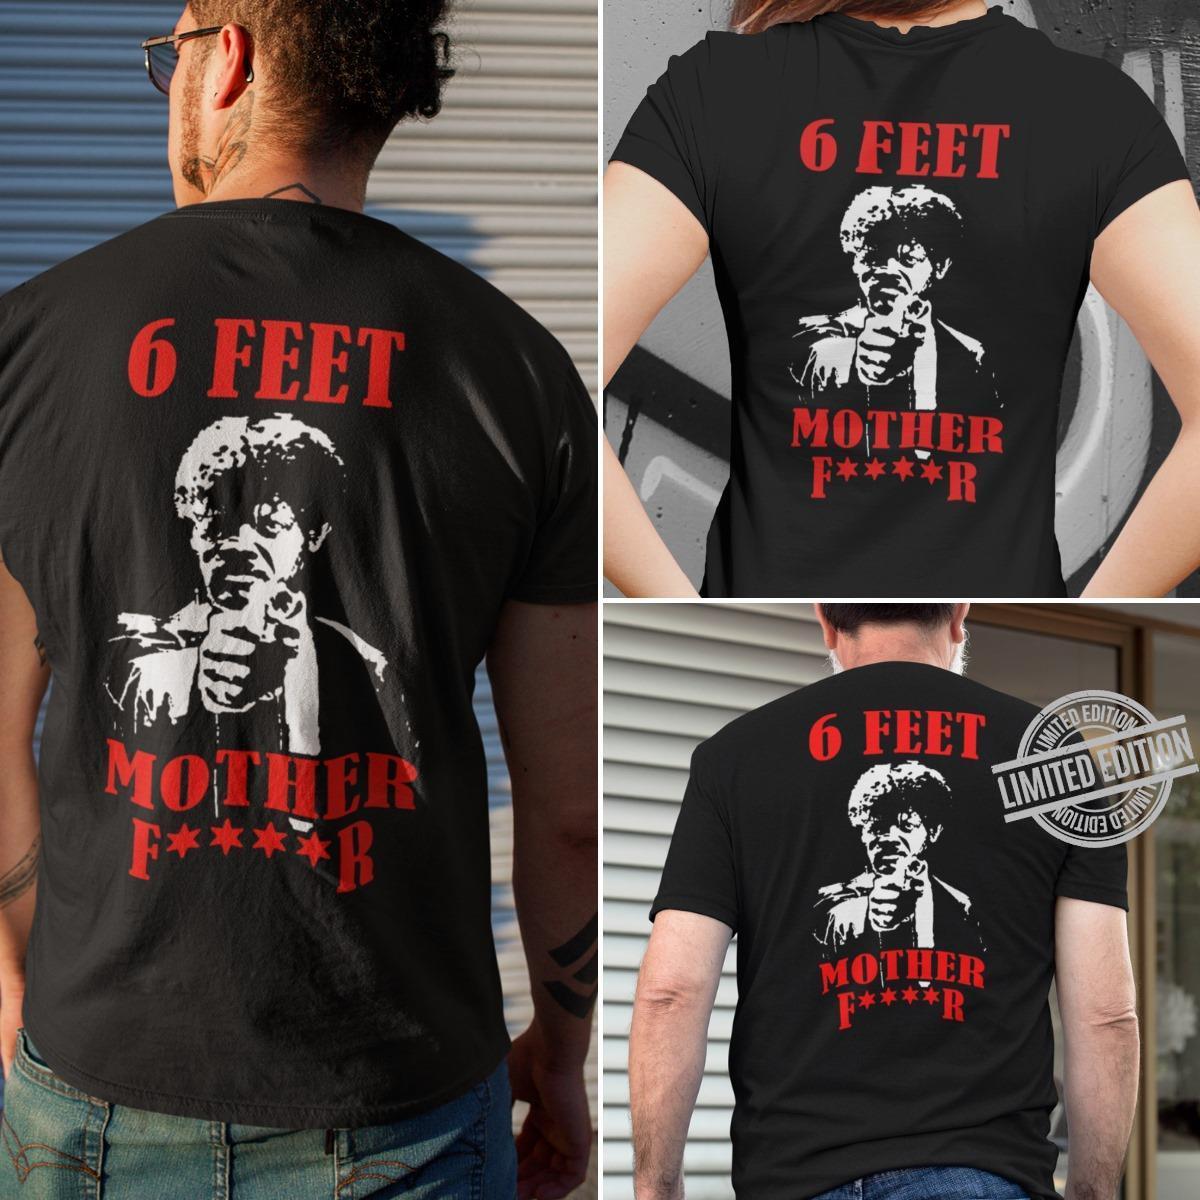 6 Feet Mother Fucker Shirt